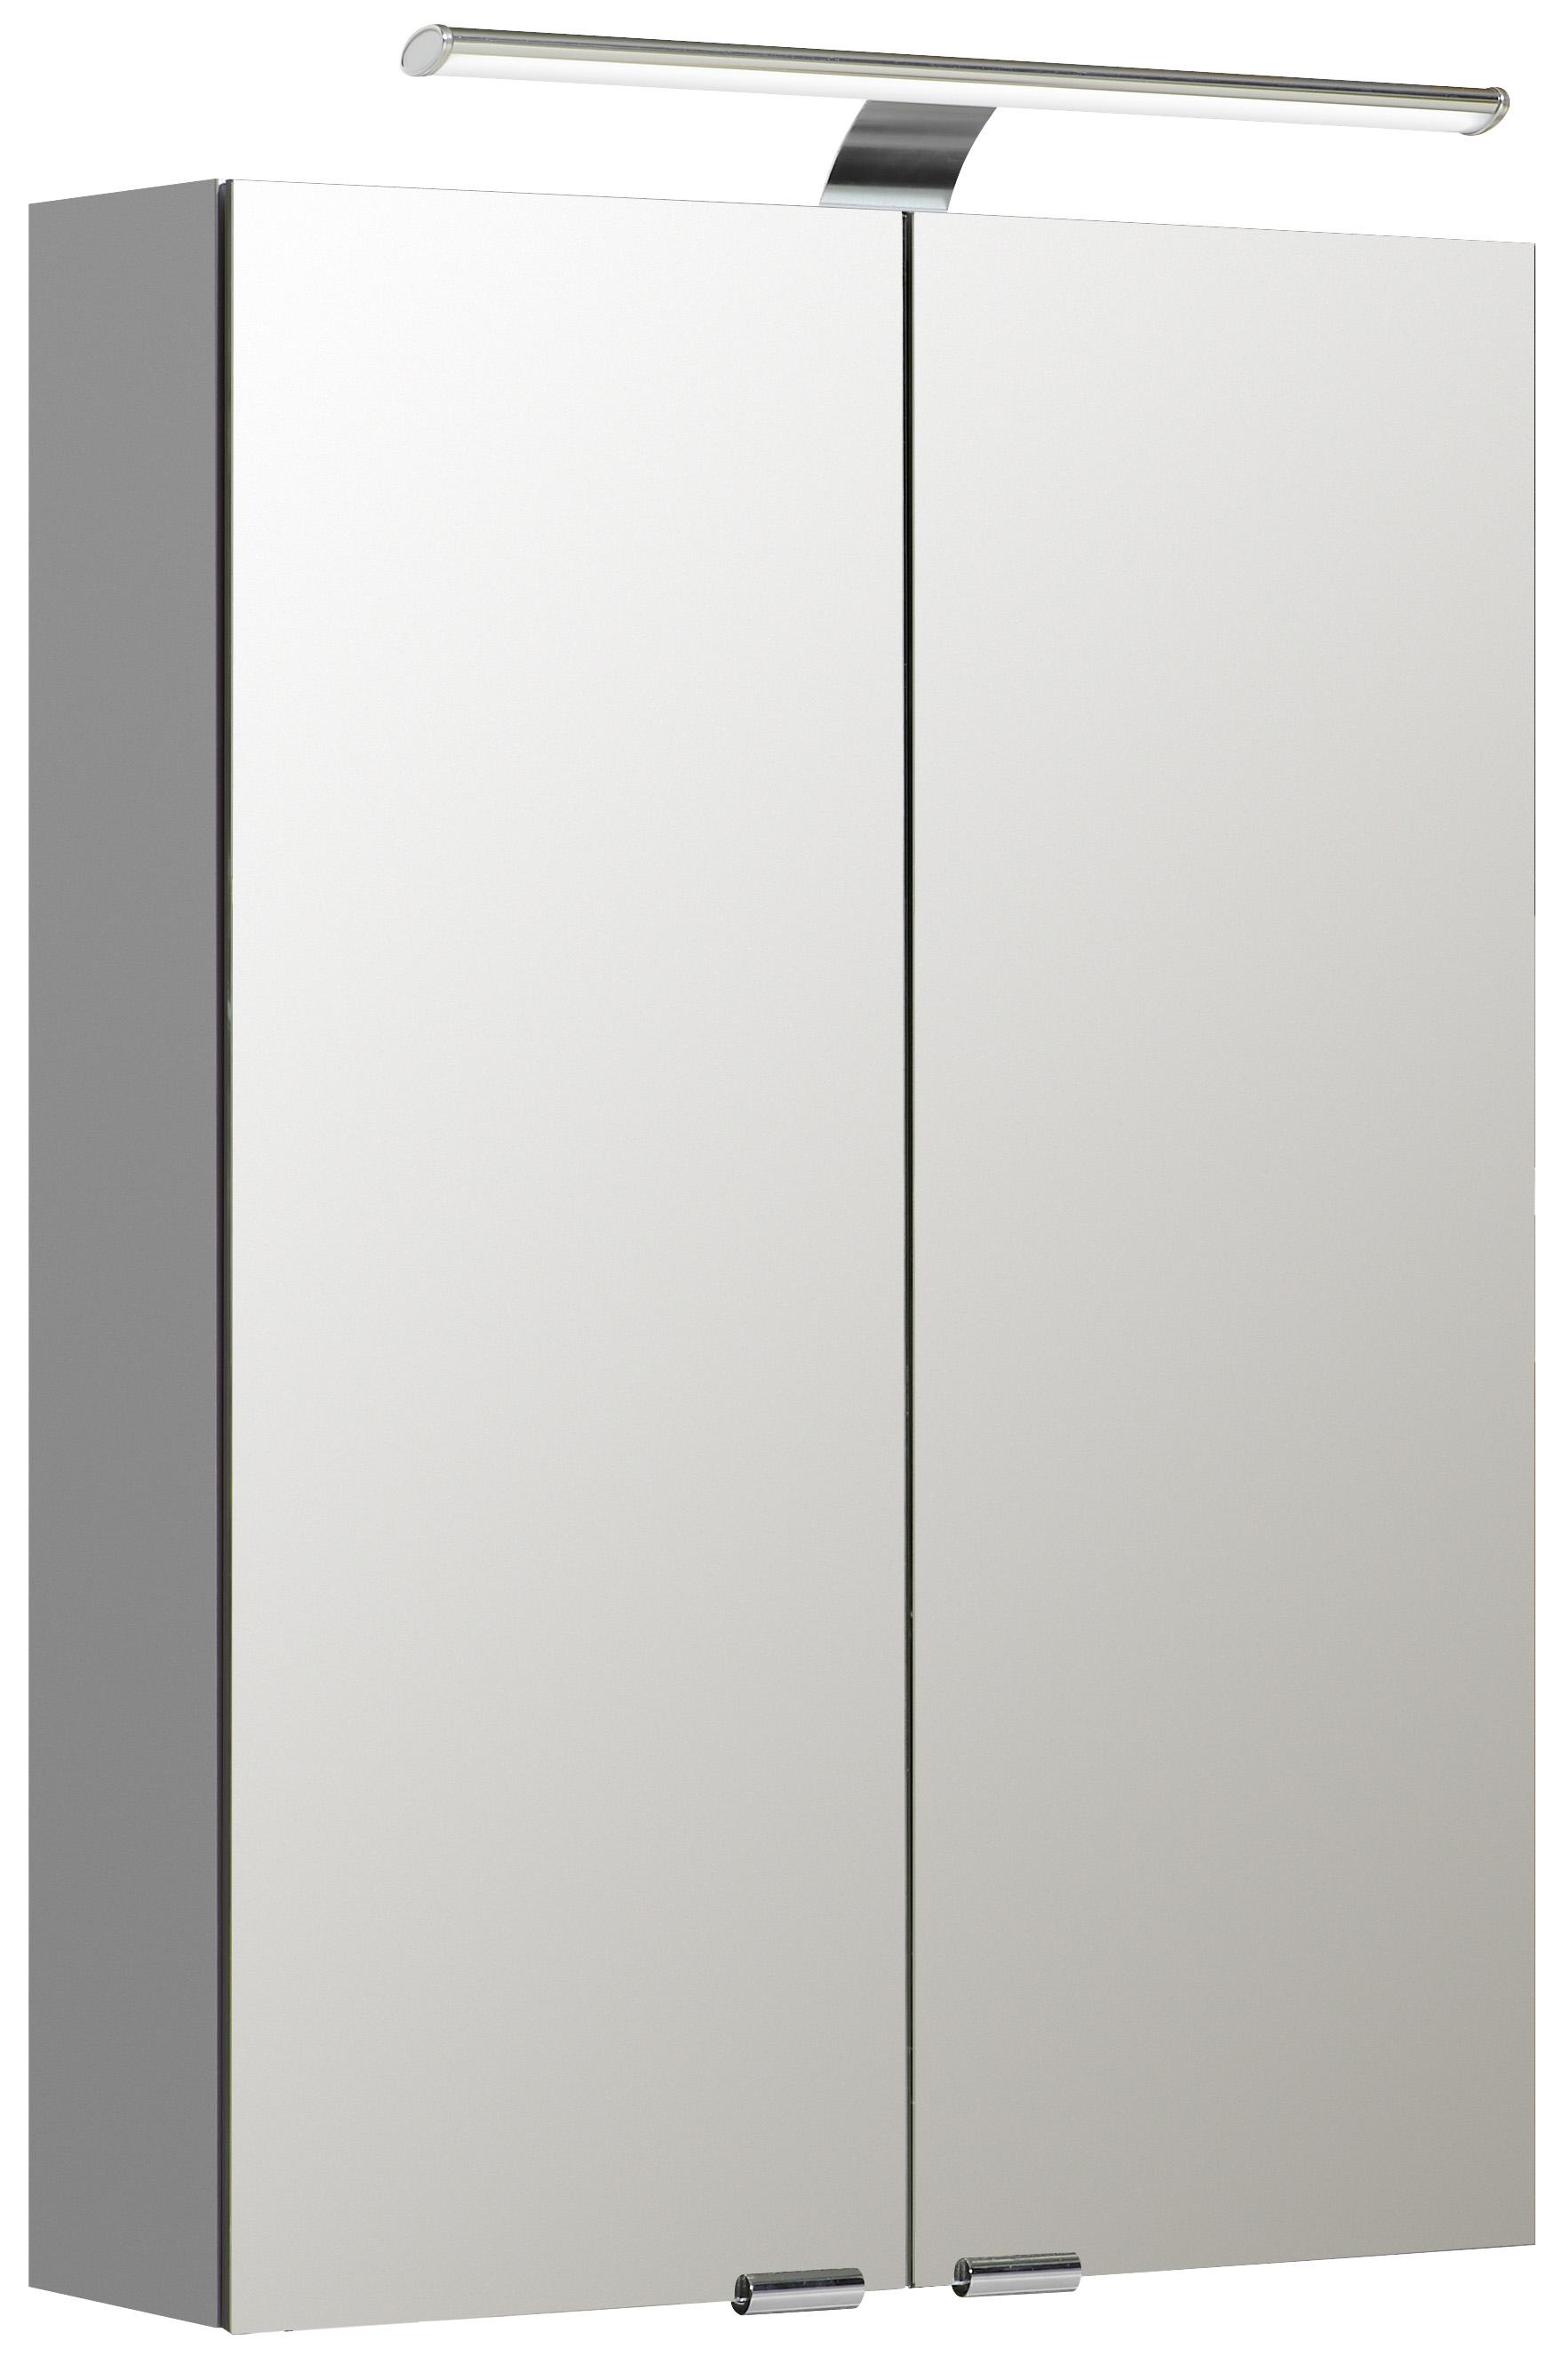 PELIPAL   Neutraler Spiegelschrank S5 | S5 SPSD 05   ArCenter